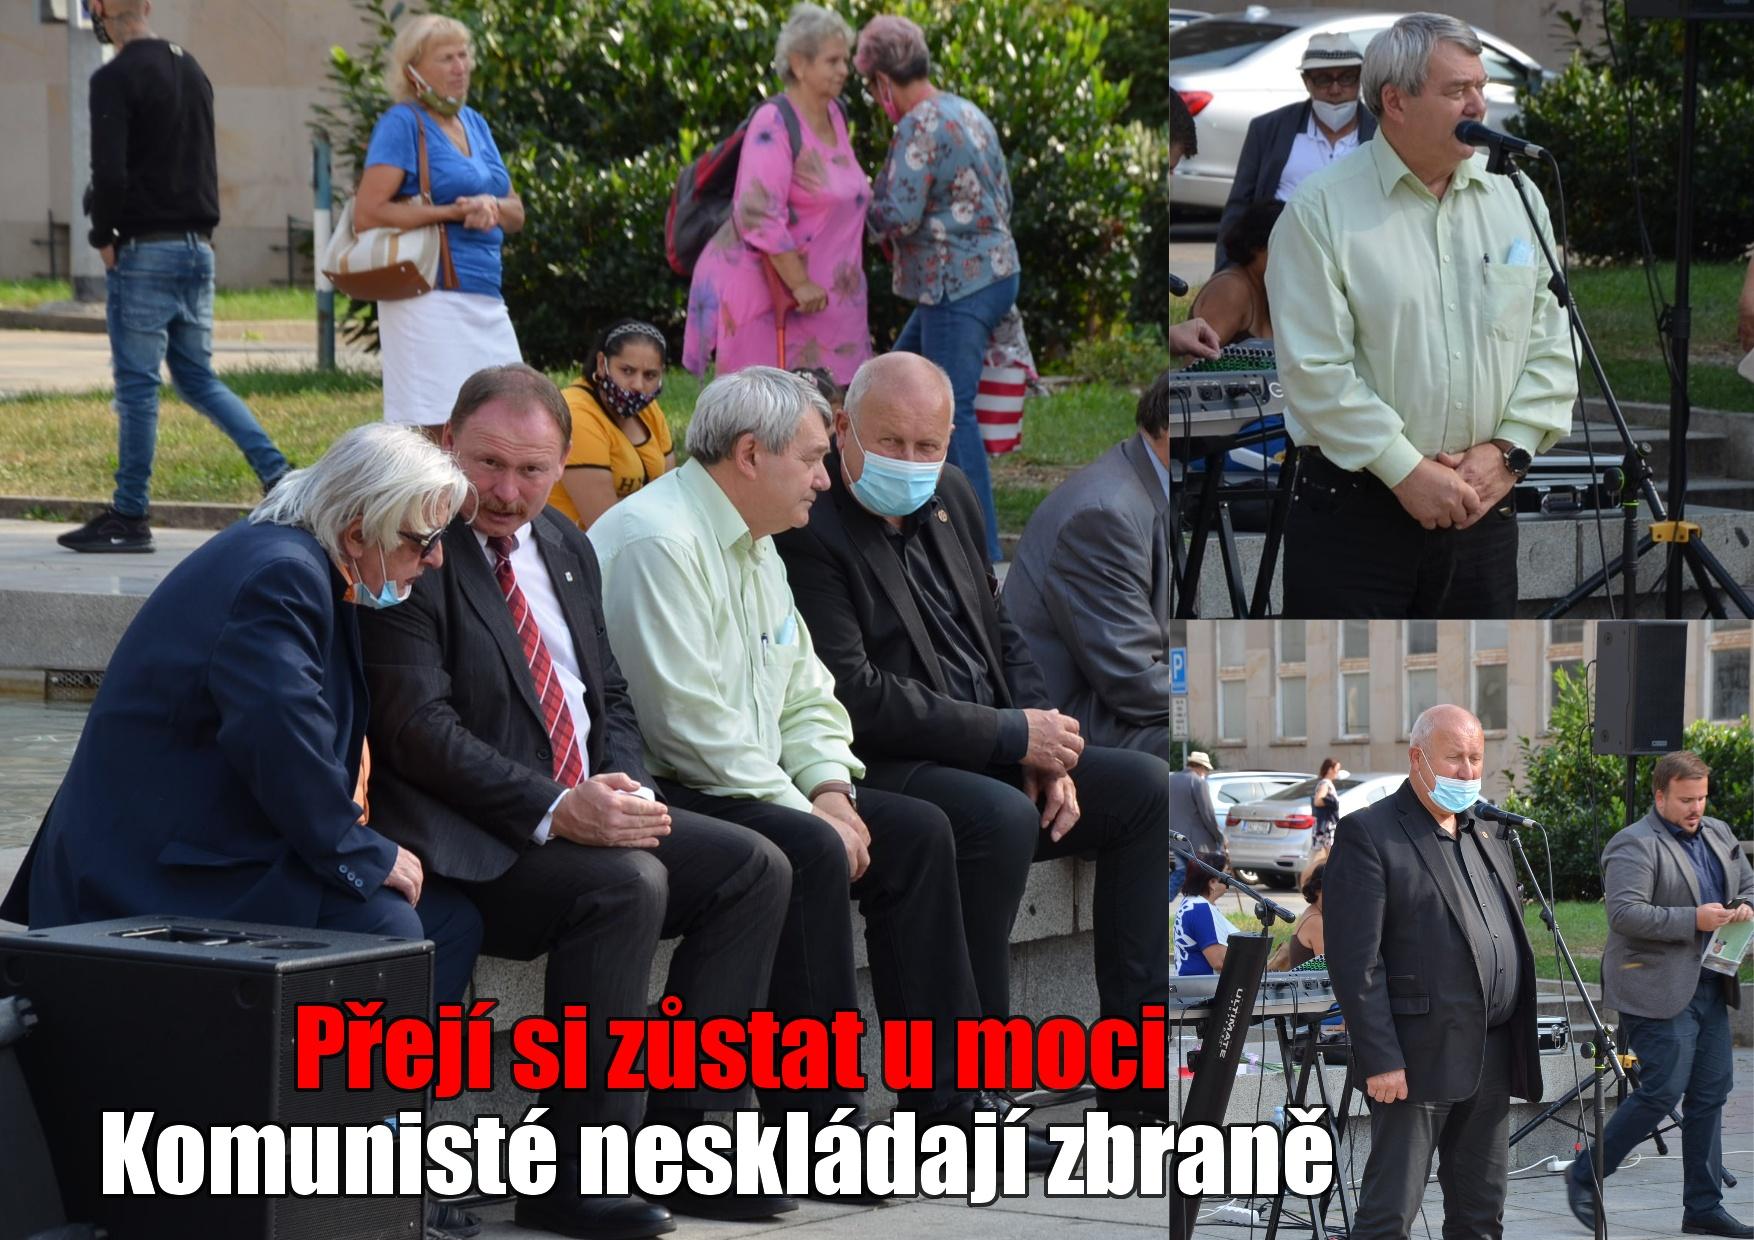 Předseda KSČM Filip: Nebát se jít volit. Komunisté se nezapomněli dívat do minulosti